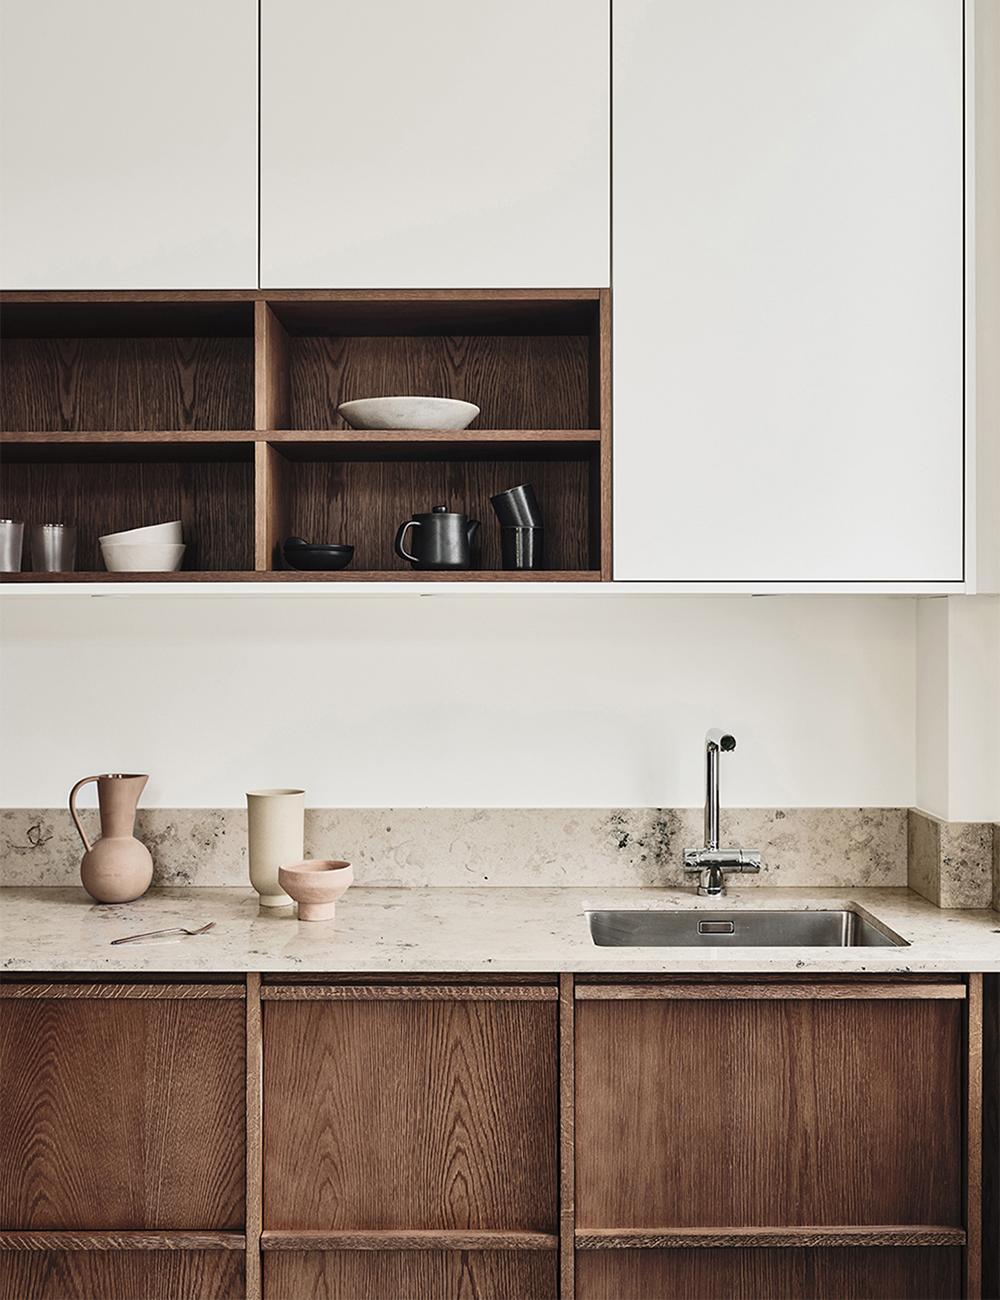 Så inreder vi våra kök 2020 – 4 stora kökstrender